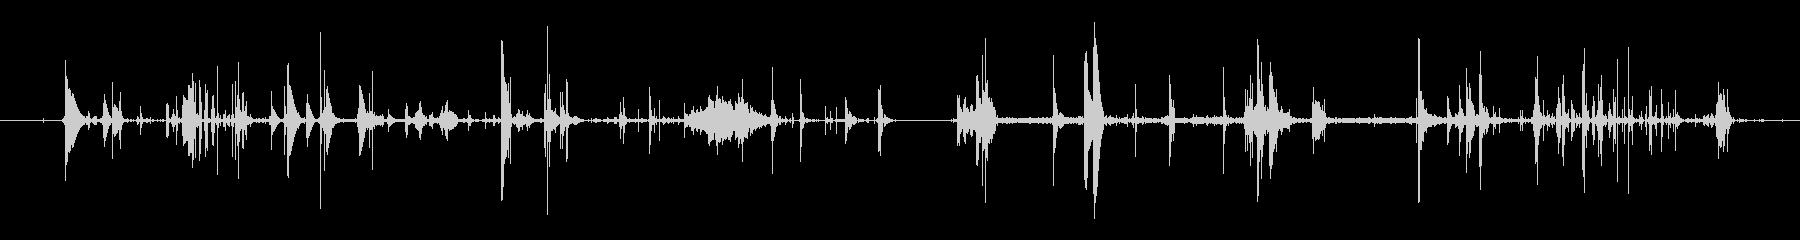 モンスター 肉食11の未再生の波形